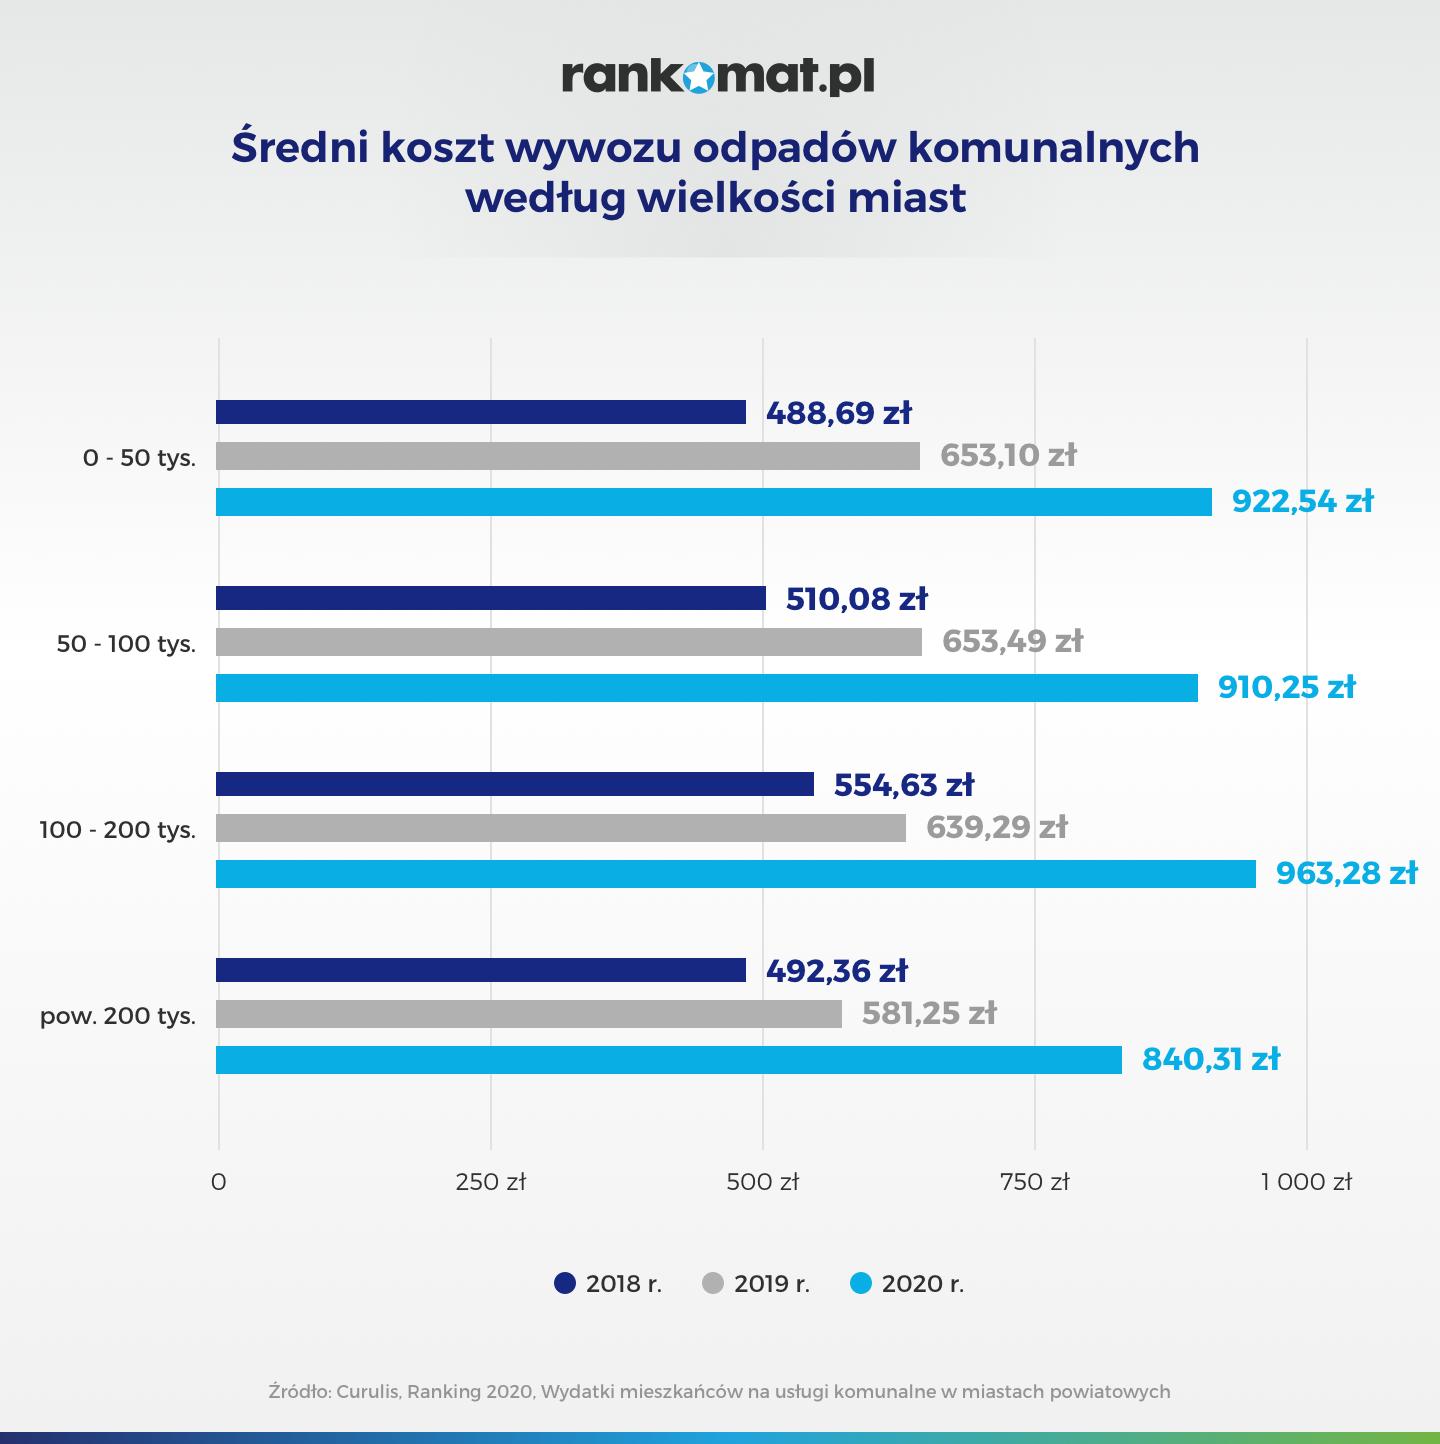 wykres słupkowy obrazujący ceny za wywóz odpadów pod kątem wielkości miasta